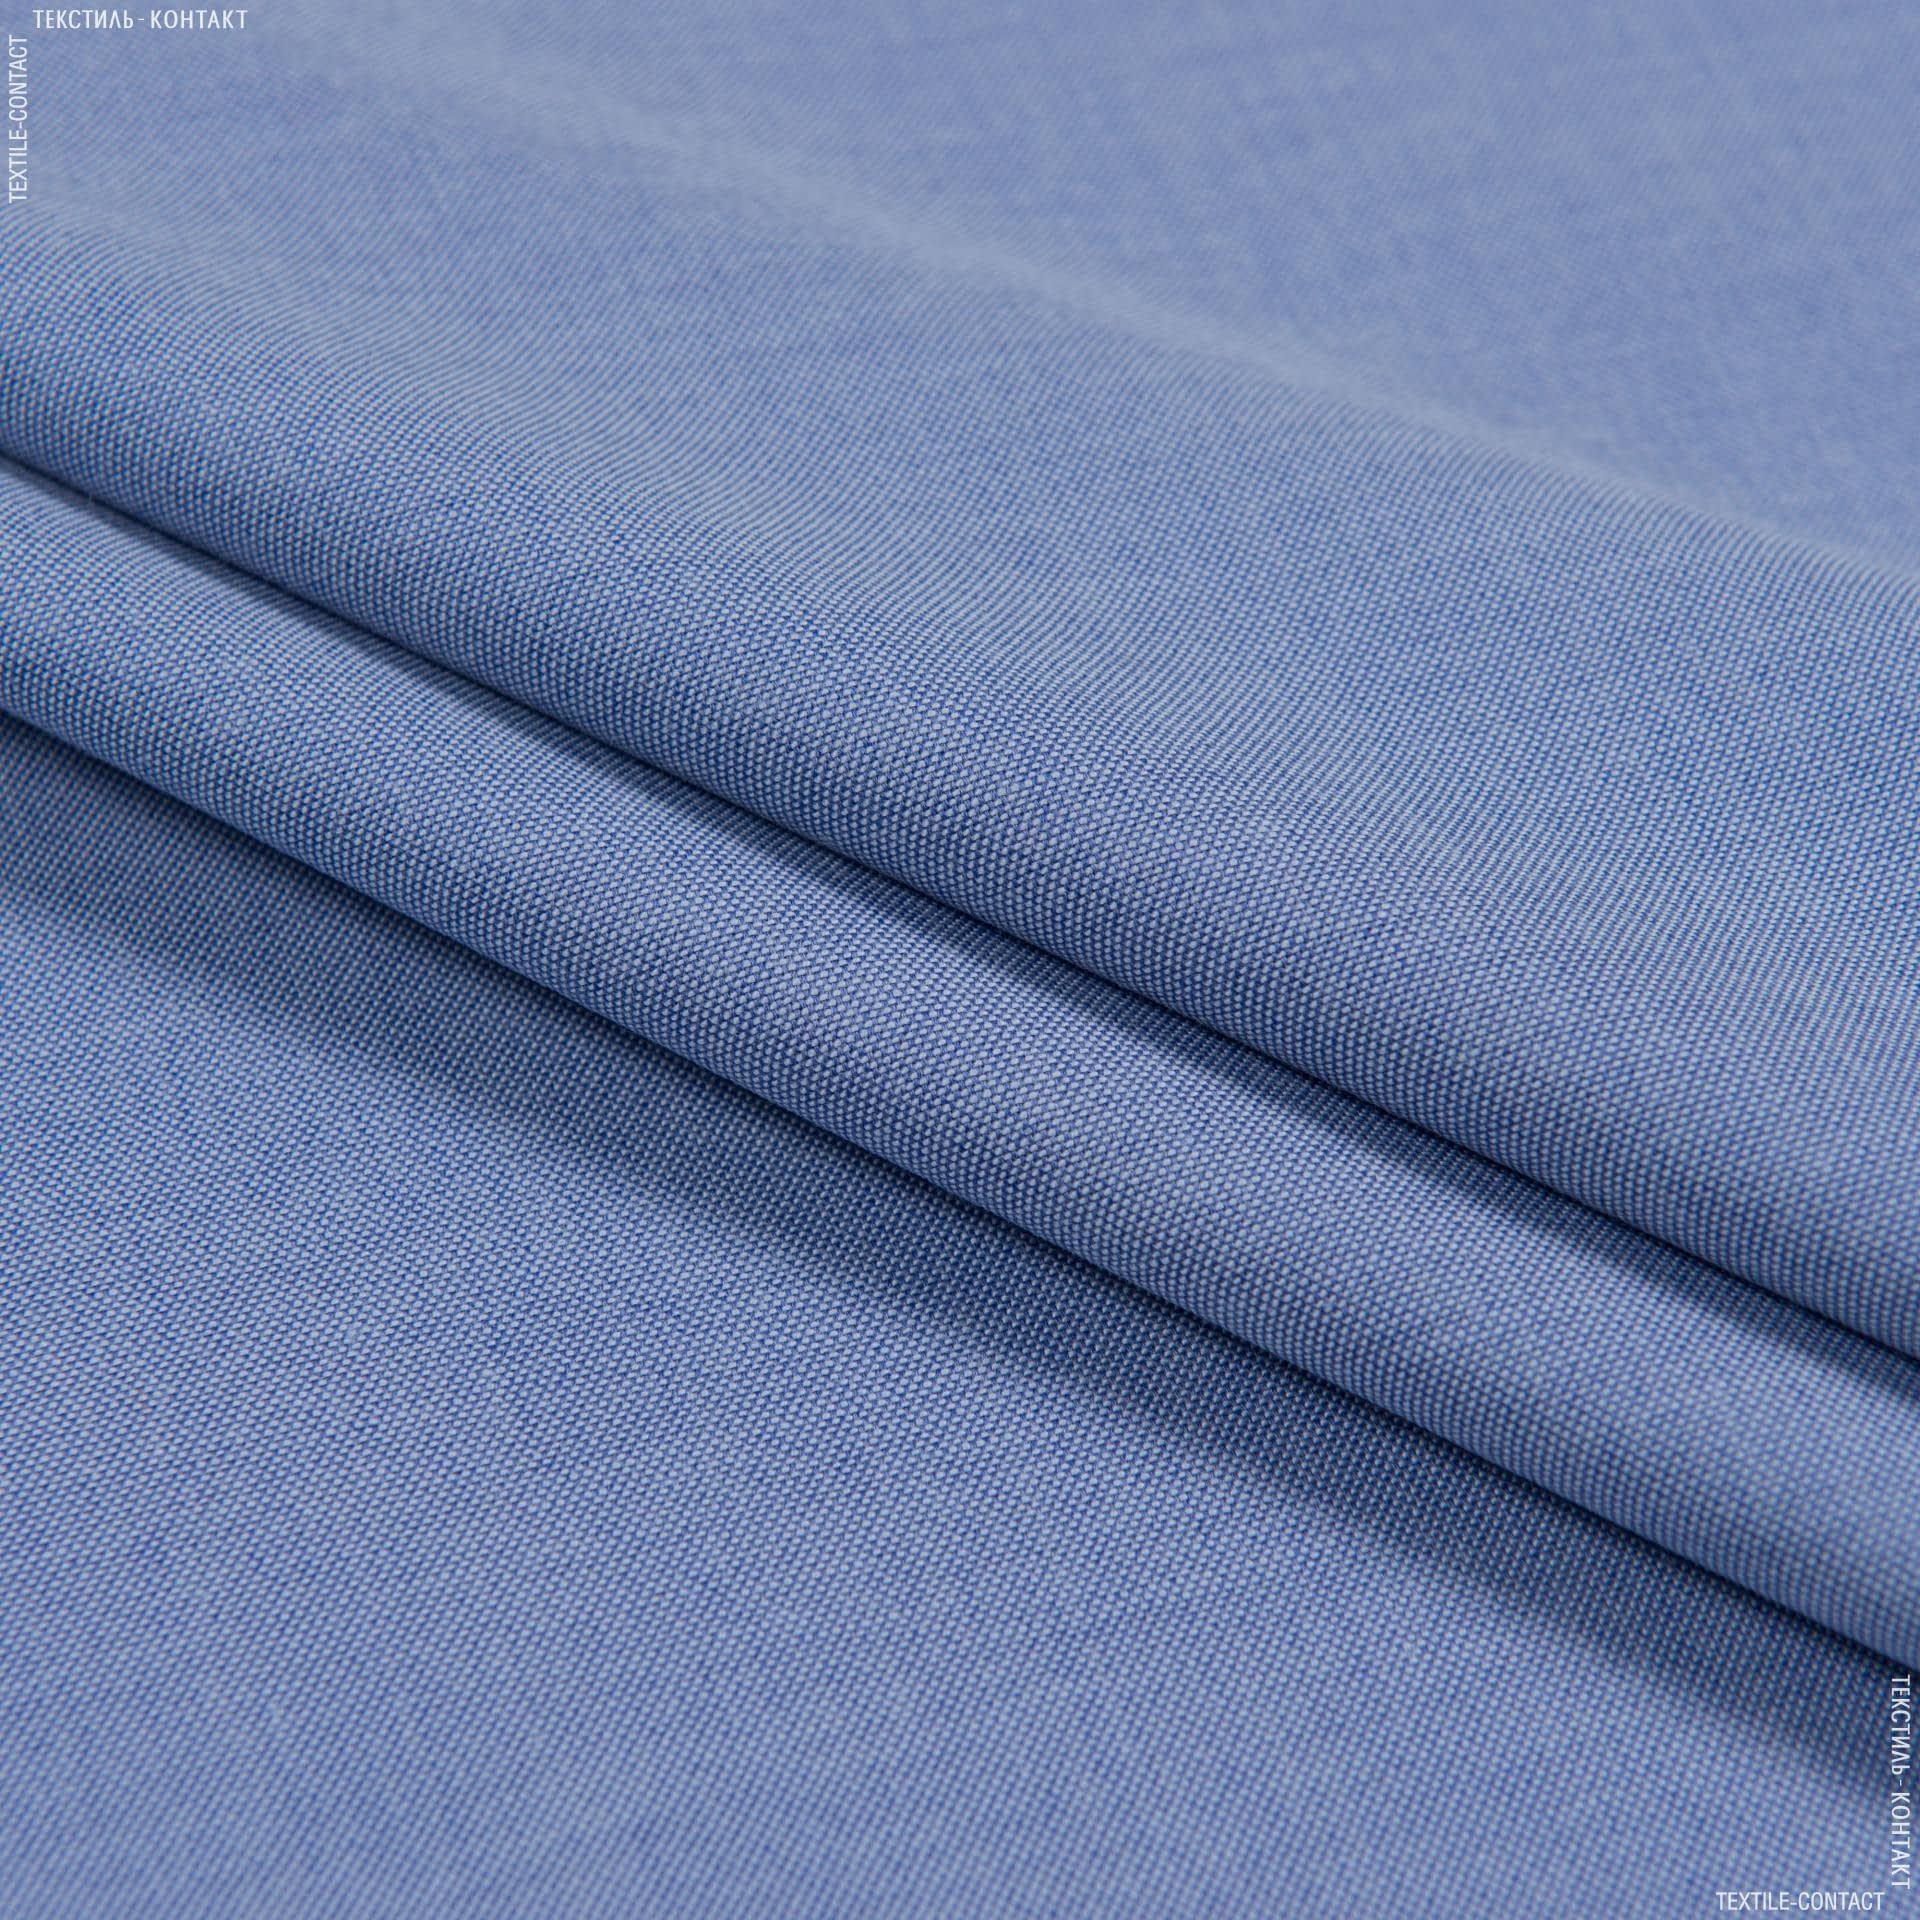 Тканини для блузок - Сорочкова рогожка темно-блакитний